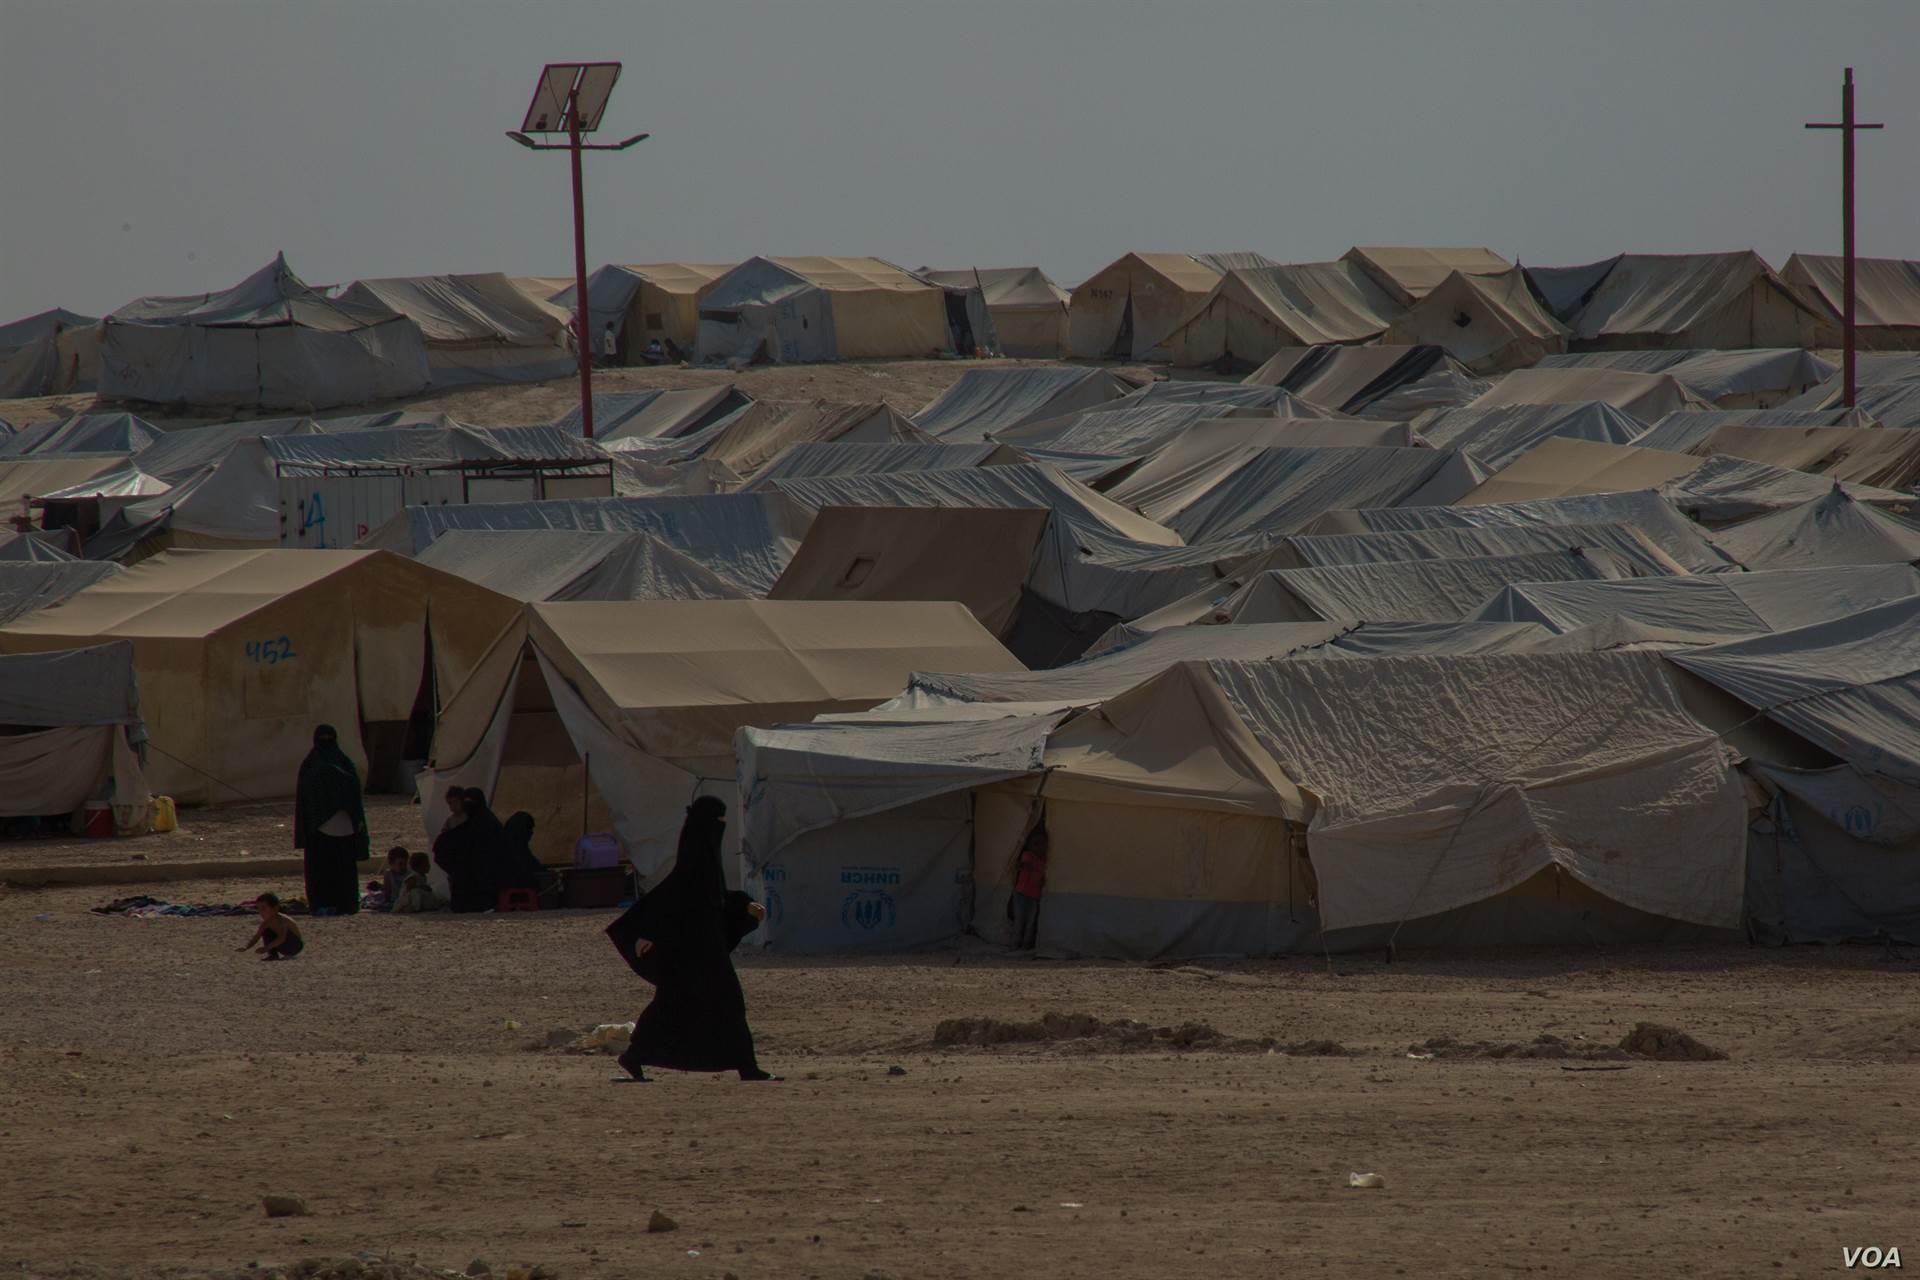 Fokus na sigurnost usporava razvoj strategije za povratnike iz Sirije